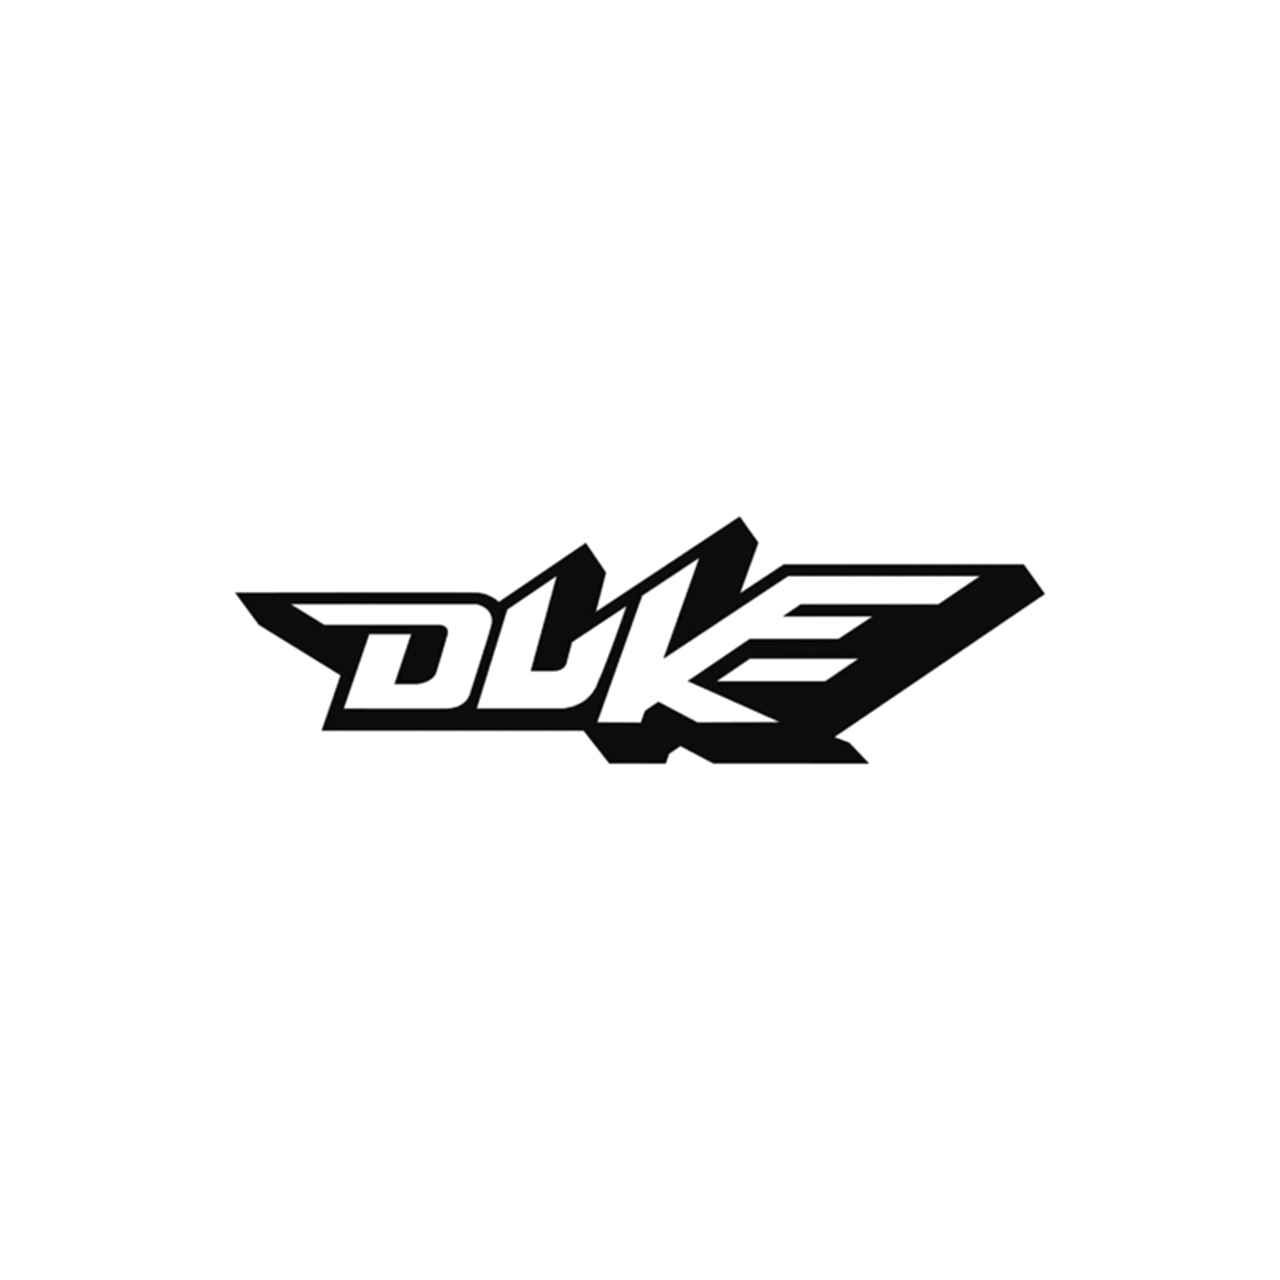 Ktm duke logo vinyl decal ballzbeatz com